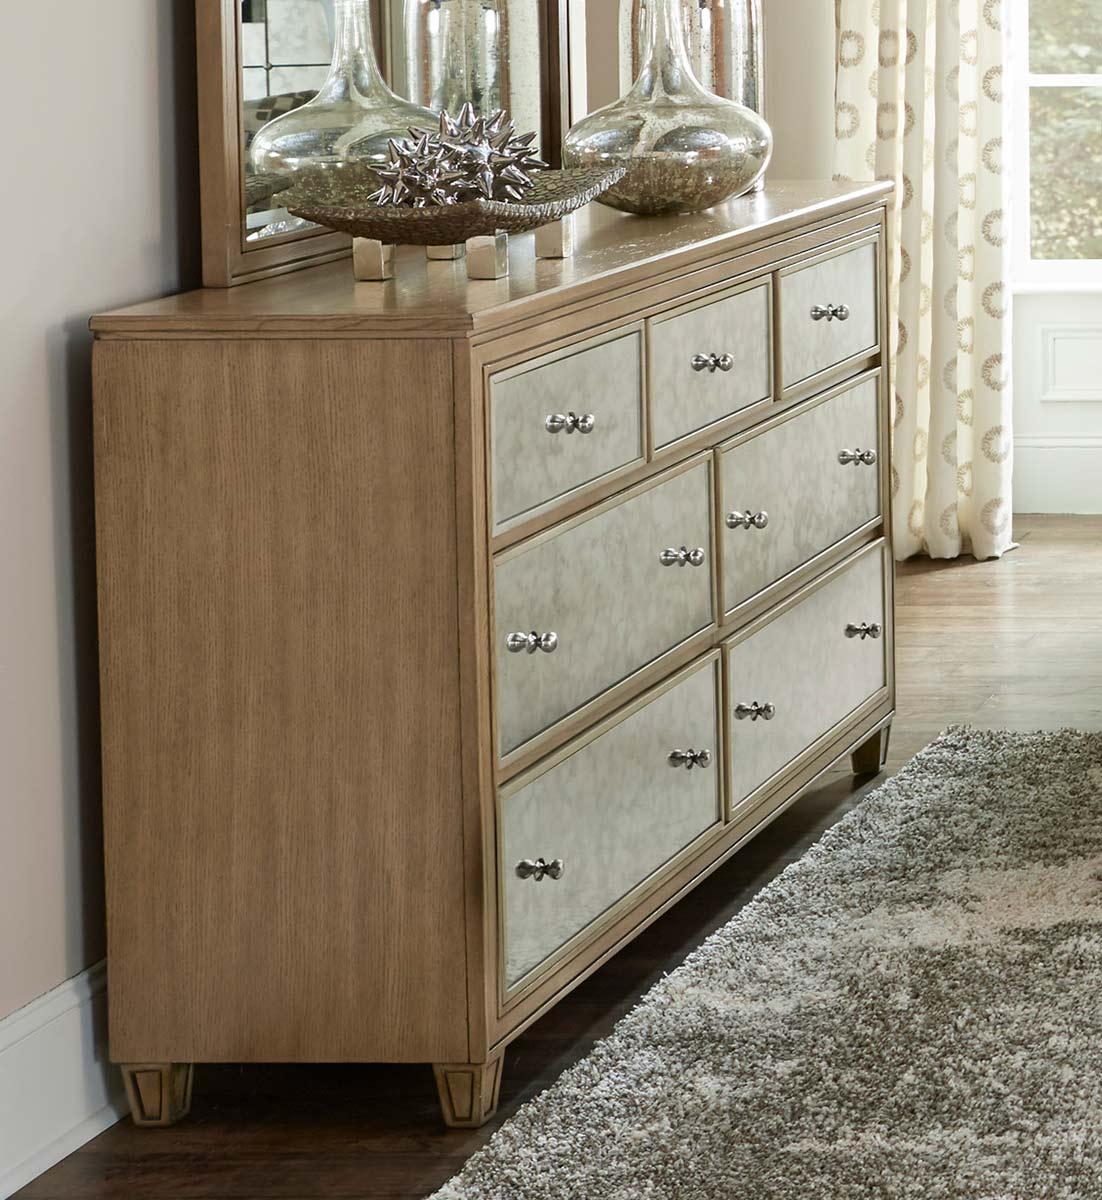 Homelegance Kalette Dresser - Light Oak - Antiqued mirrored